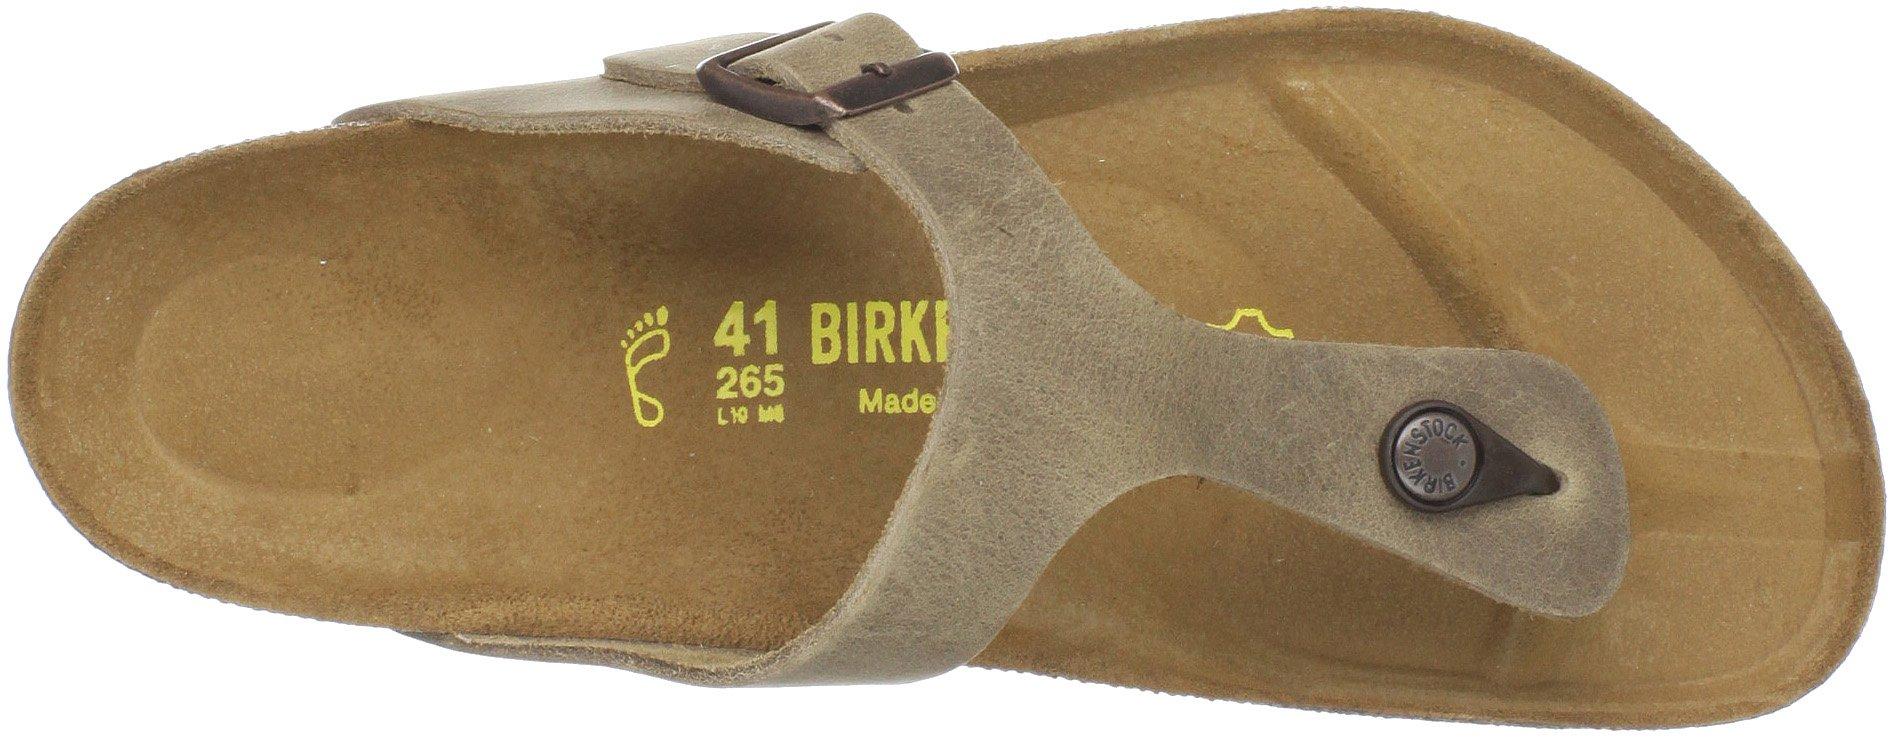 Birkenstock-Women-039-s-Gizeh-Thong-Sandals thumbnail 22